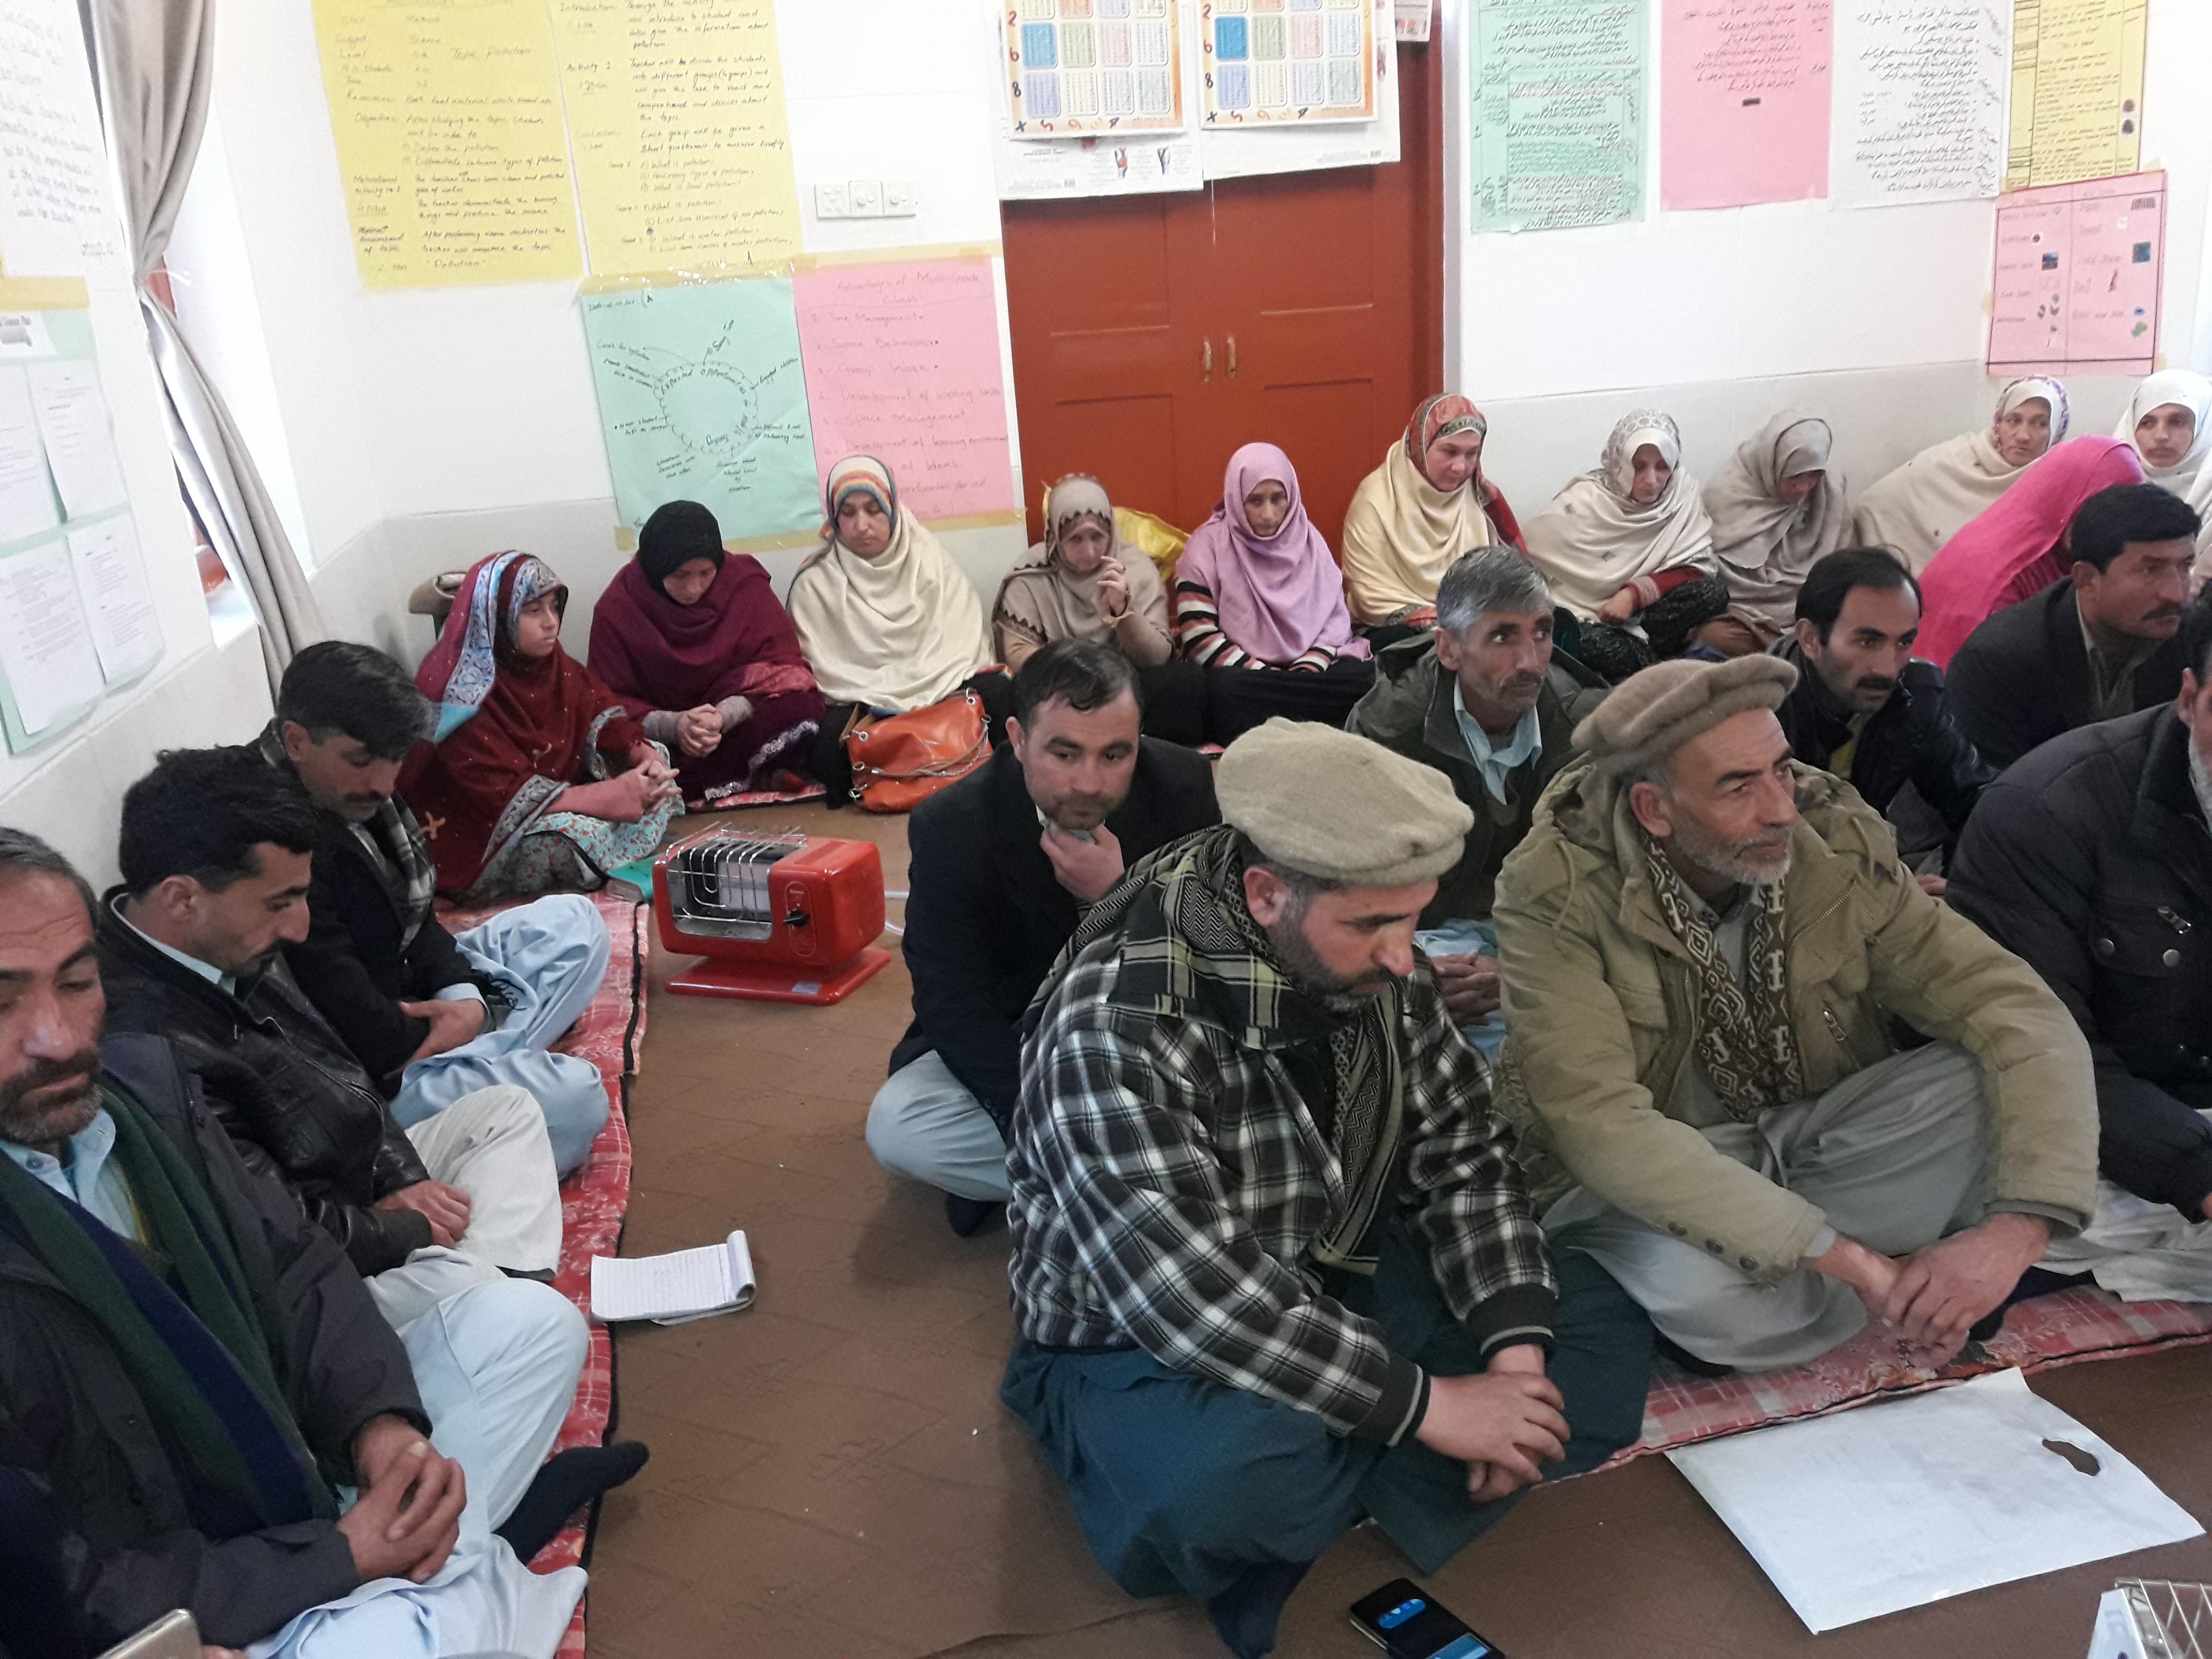 نگر : اساتذہ ورکشاپس میں جو کچھ سیکھتے ہیں اسے دوران تدریس نا فذ العمل کریں۔ڈپٹی ڈائریکٹر ایجو کیشن ضلع نگر